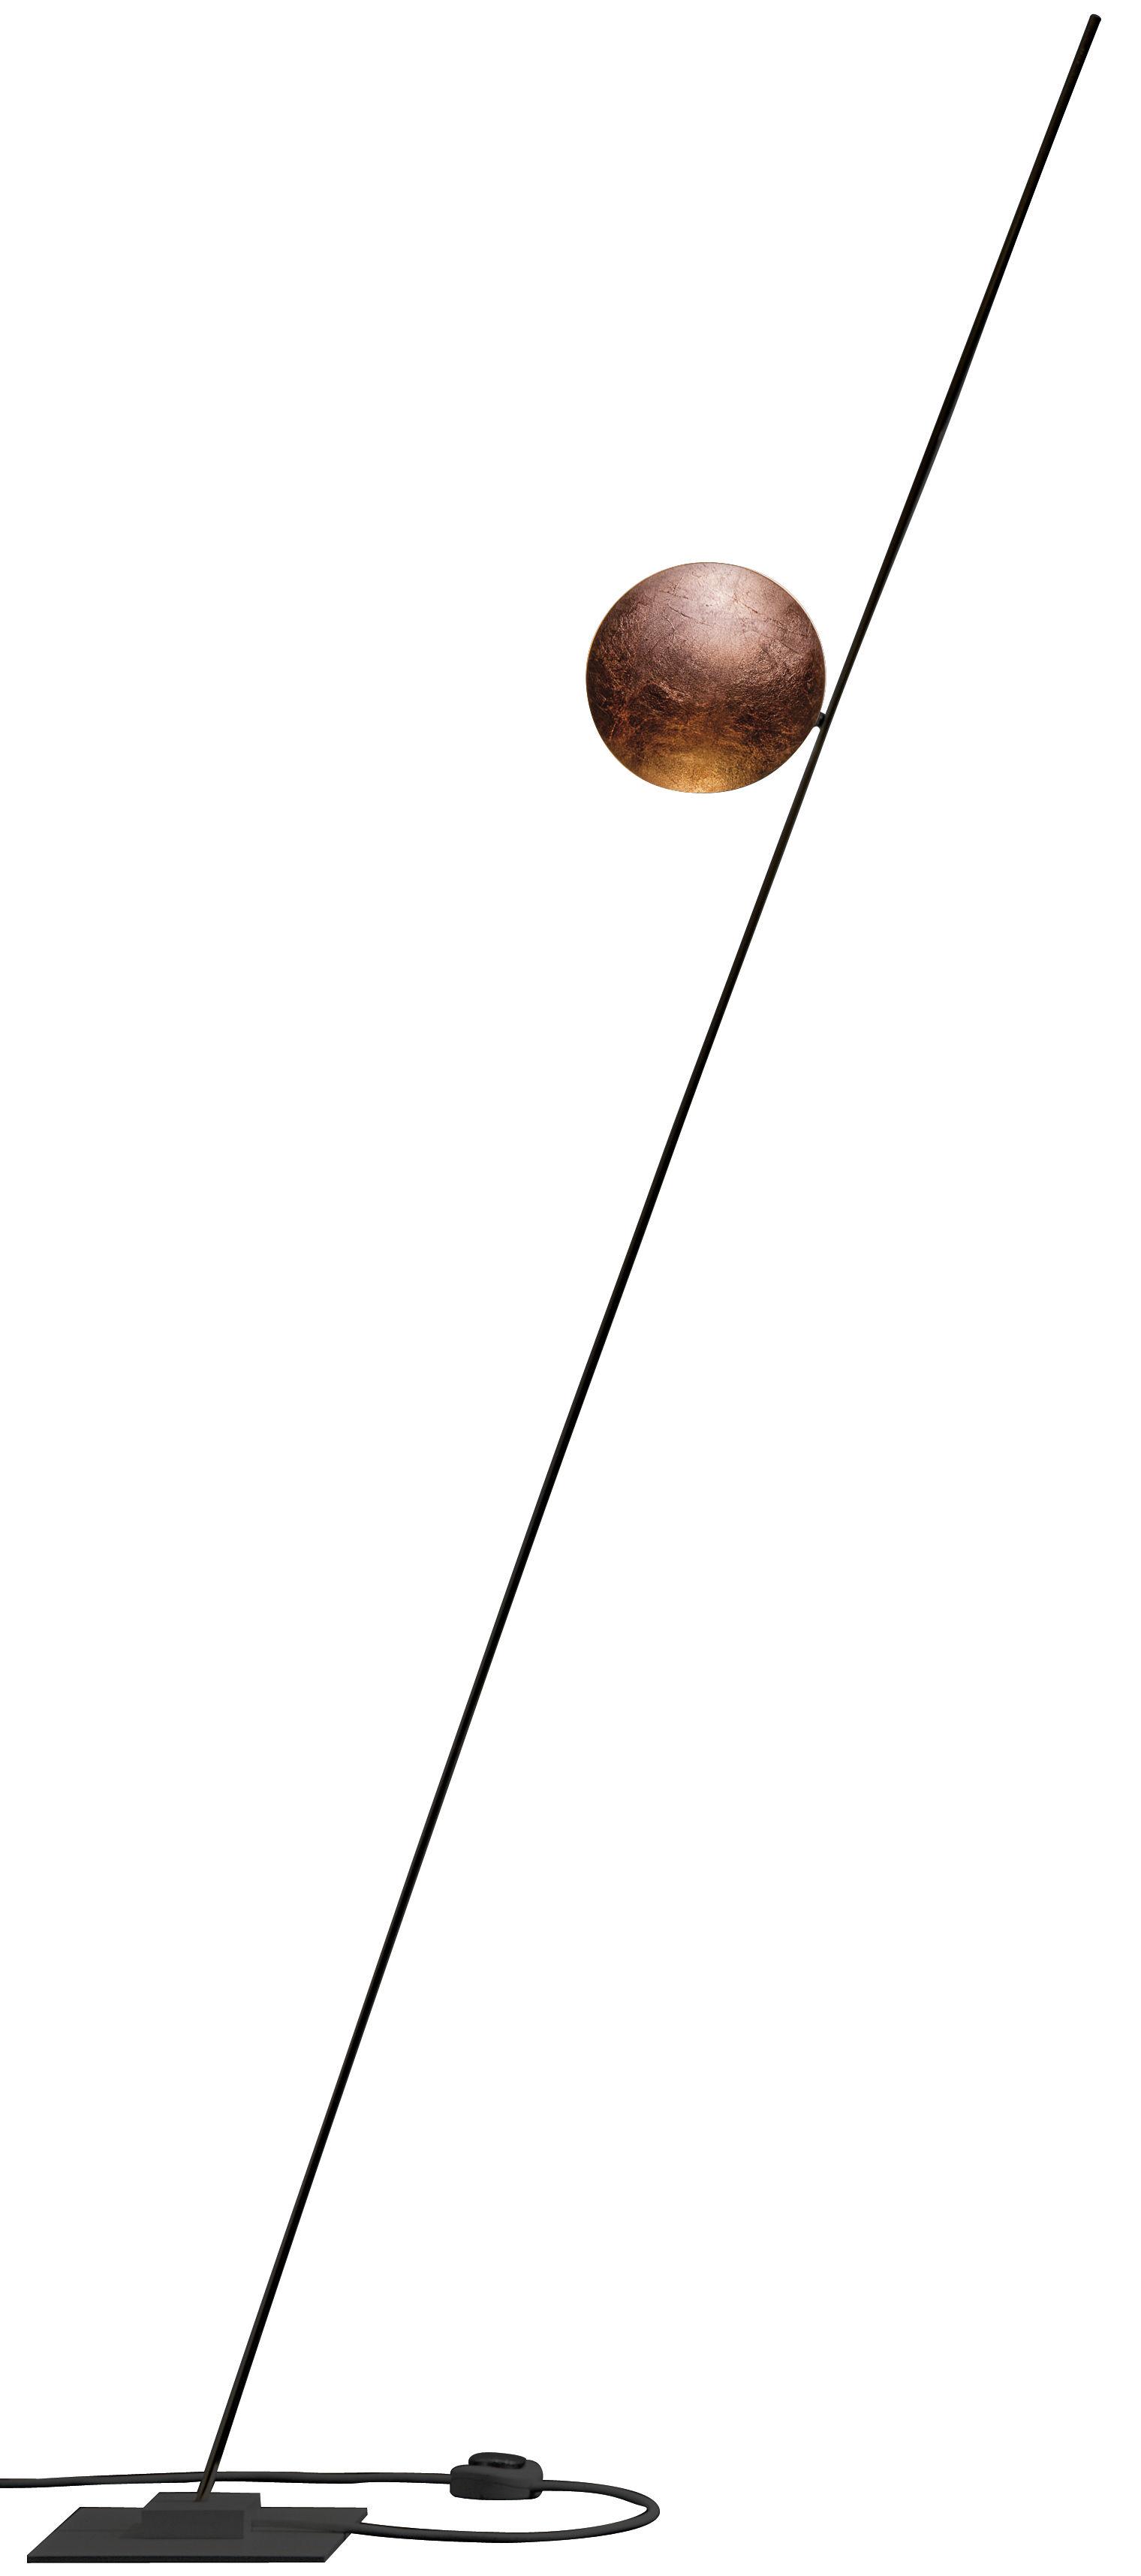 Luminaire - Lampadaires - Lampadaire Lederam F1 / LED - H 175 cm - Catellani & Smith - Disque cuivre / Tige noire / base noire - Aluminium, Feuilles de cuivre, Métal peint